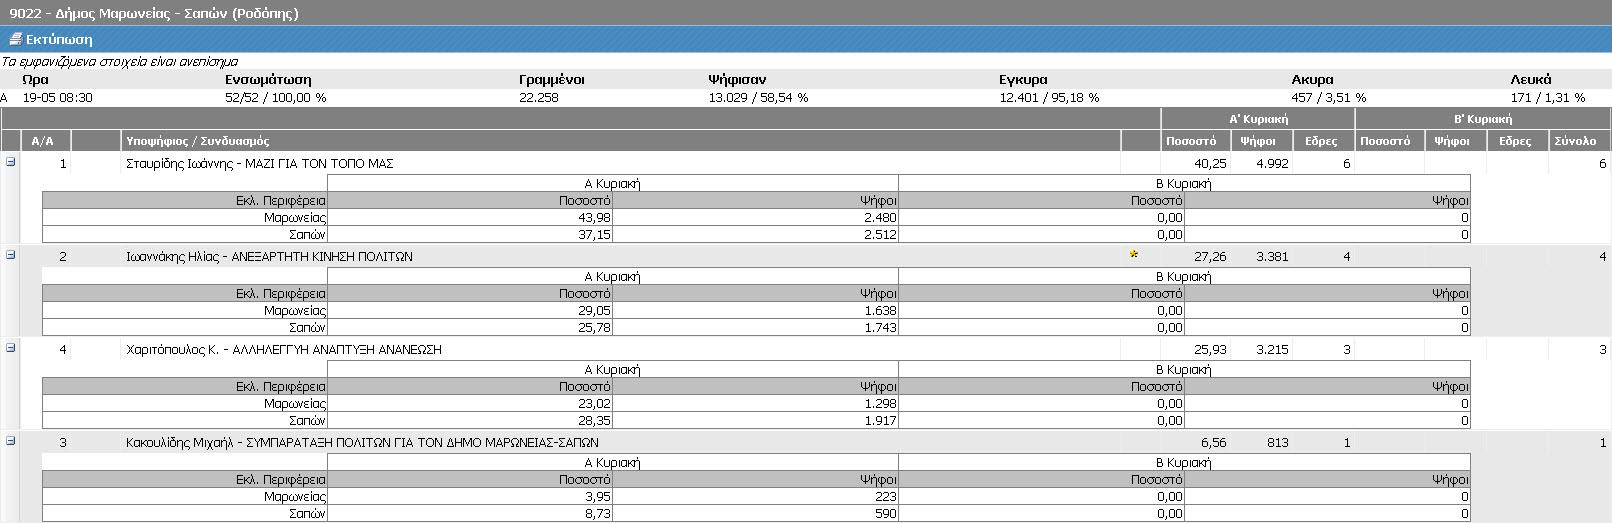 Δήμος Μαρωνείας-Σαπών (Τελικά ΥΠΕΣ, Α' Κυριακή 18/5/2014 - αποτελέσματα 19/5/2014 08:30)